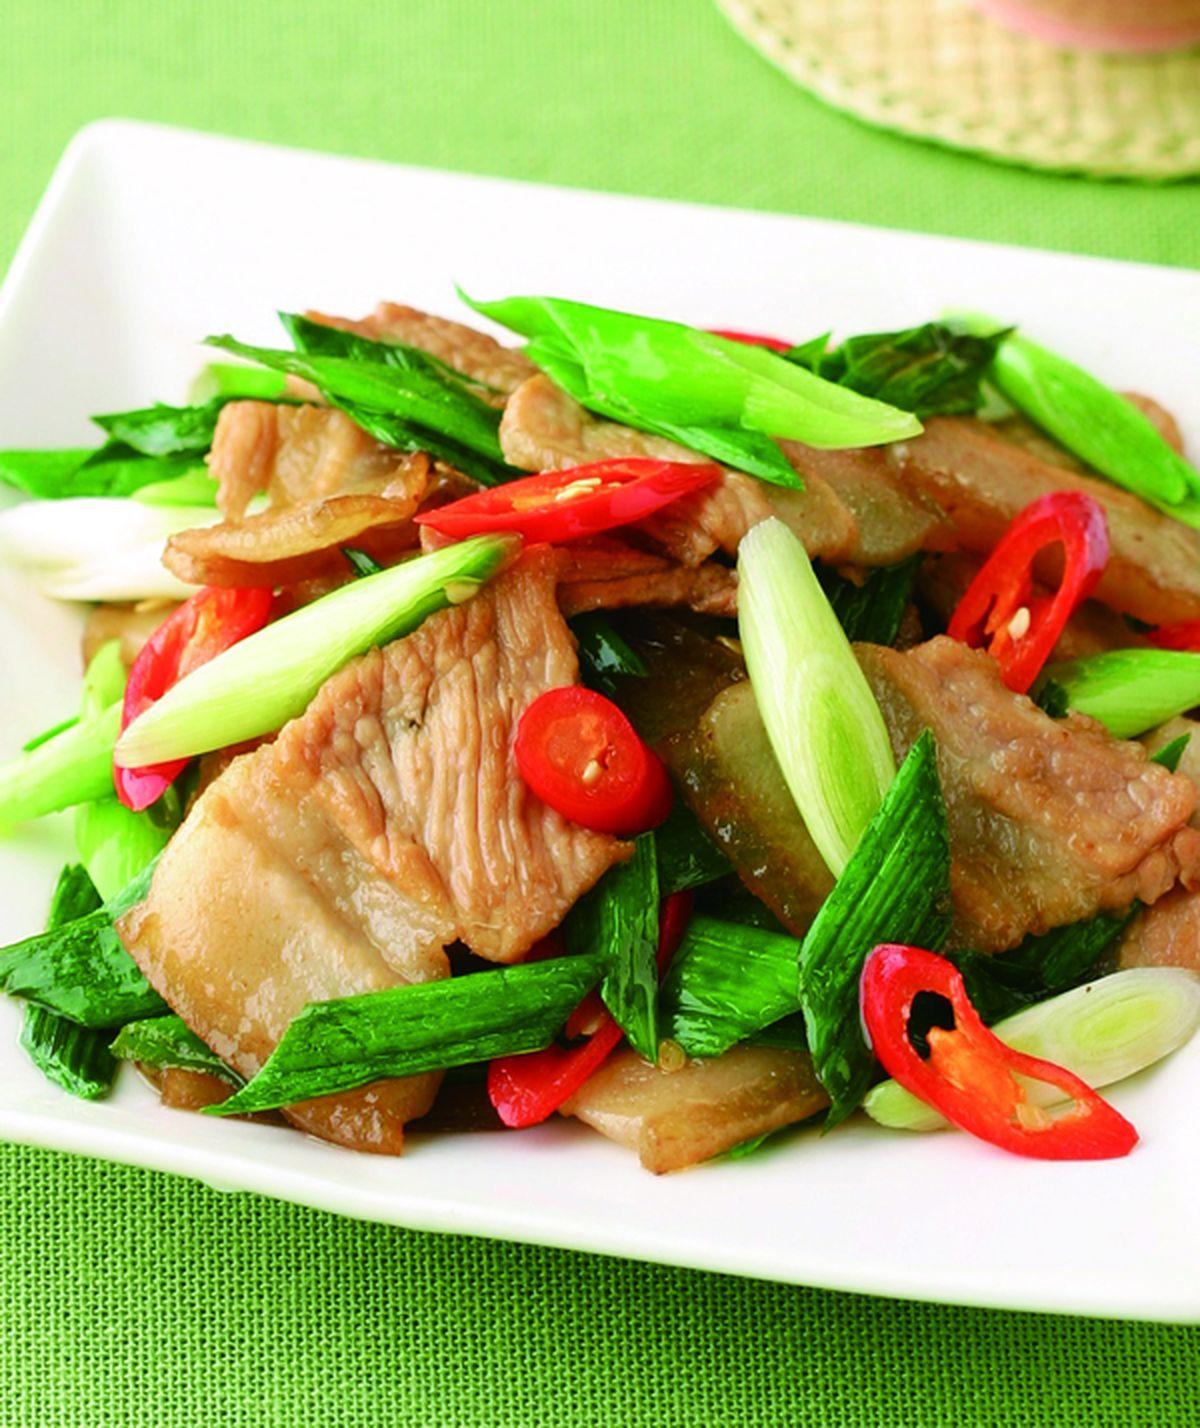 食譜:蒜苗炒五花肉片(1)